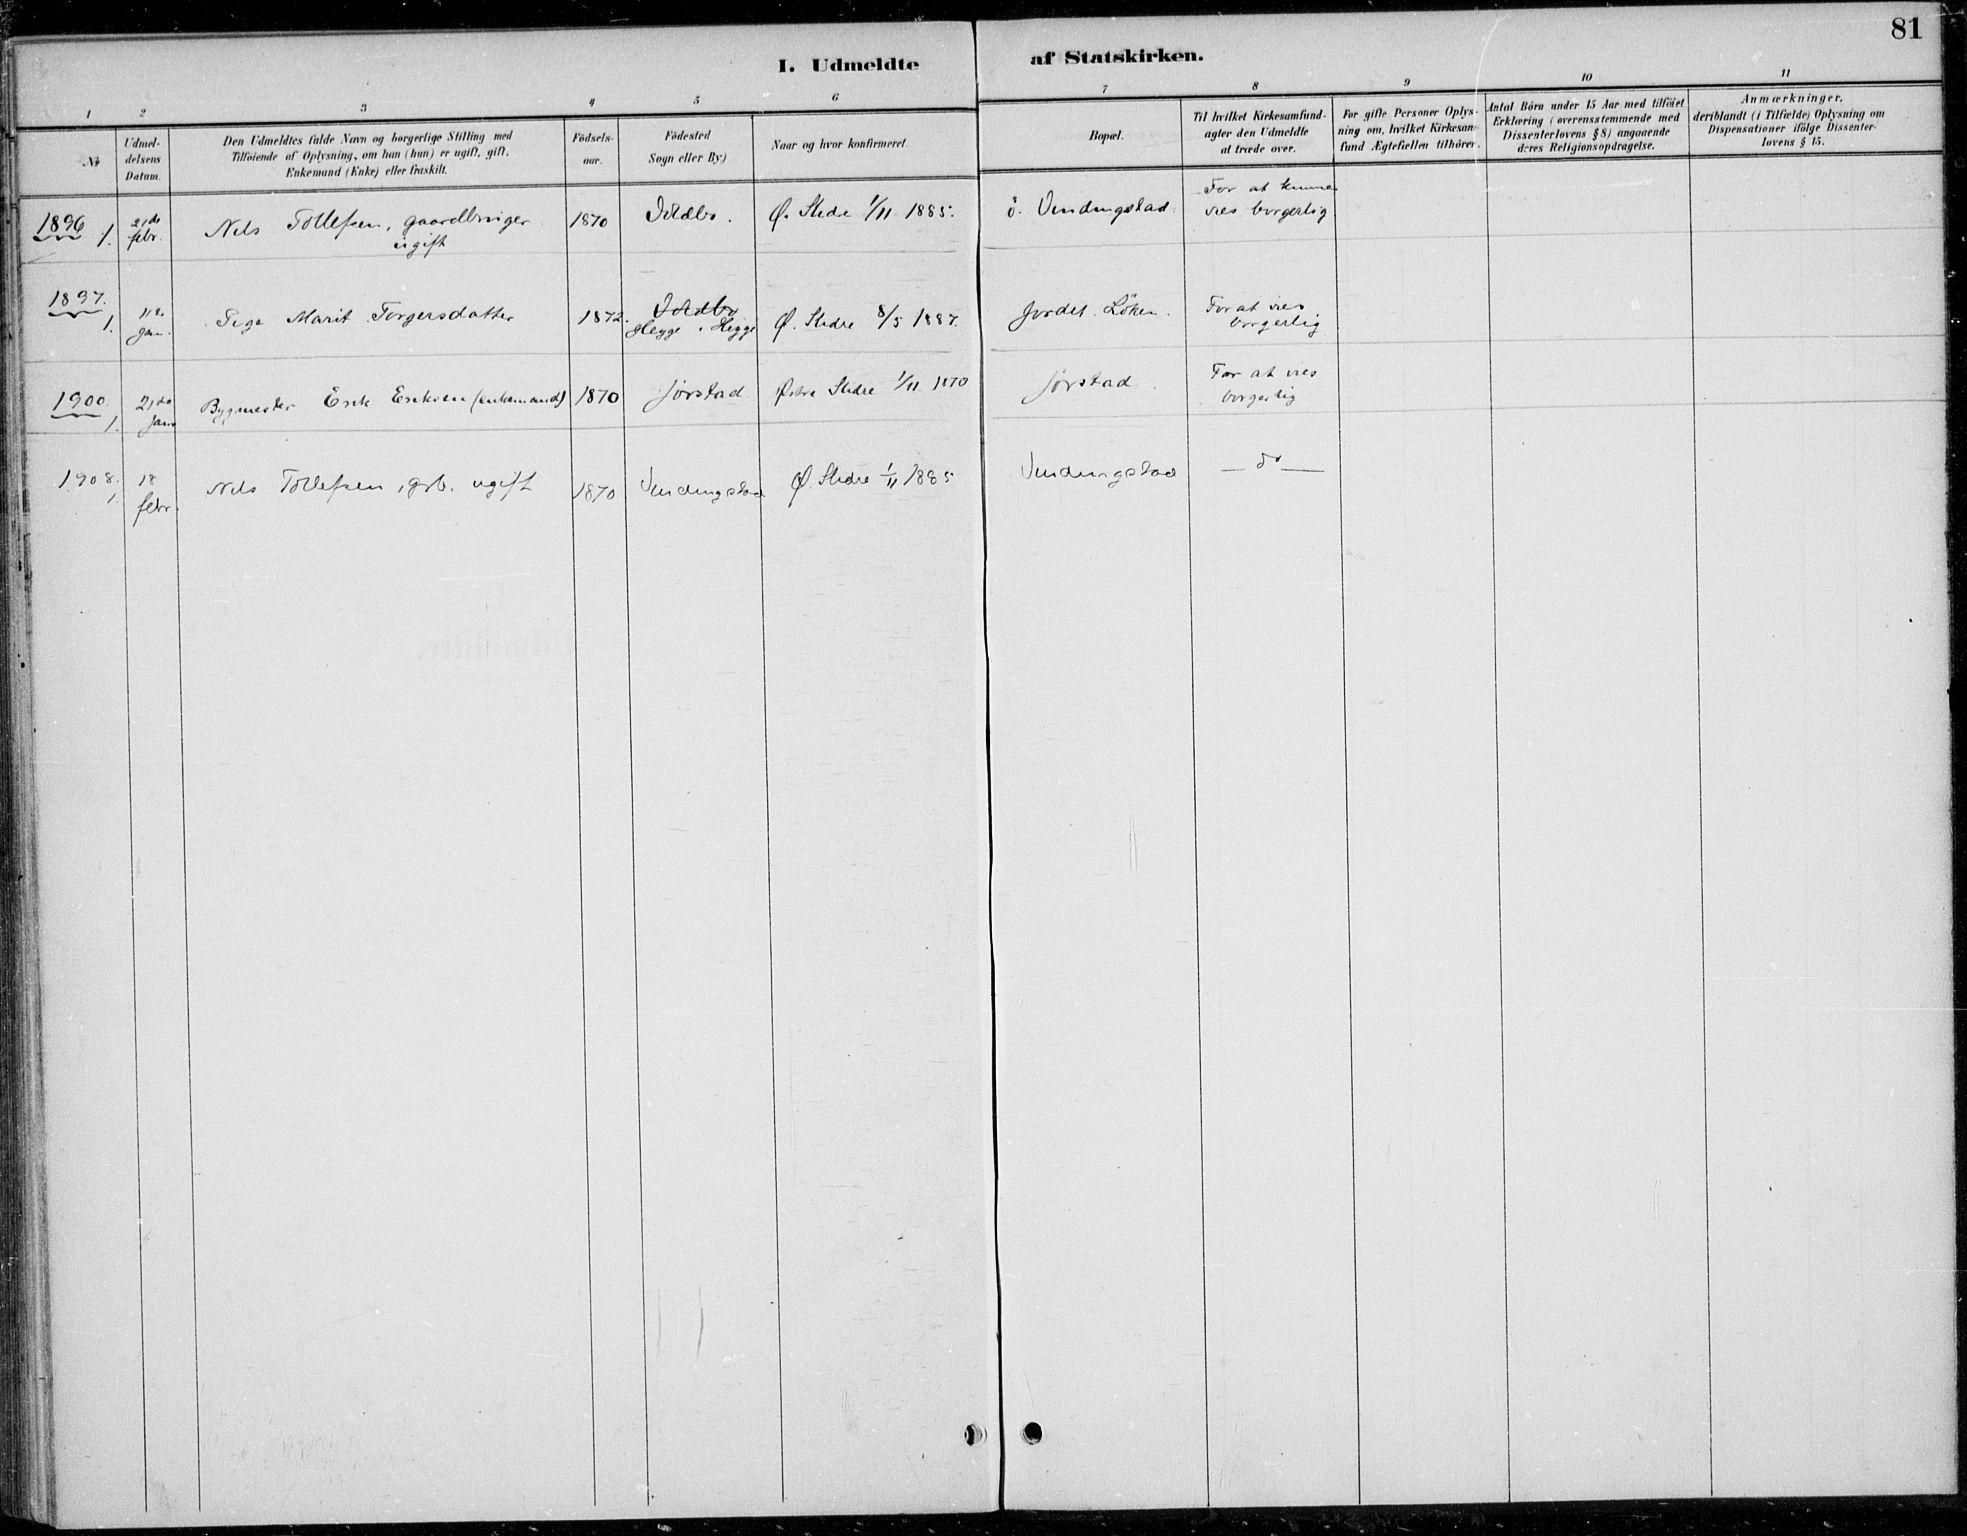 SAH, Øystre Slidre prestekontor, Ministerialbok nr. 5, 1887-1916, s. 81